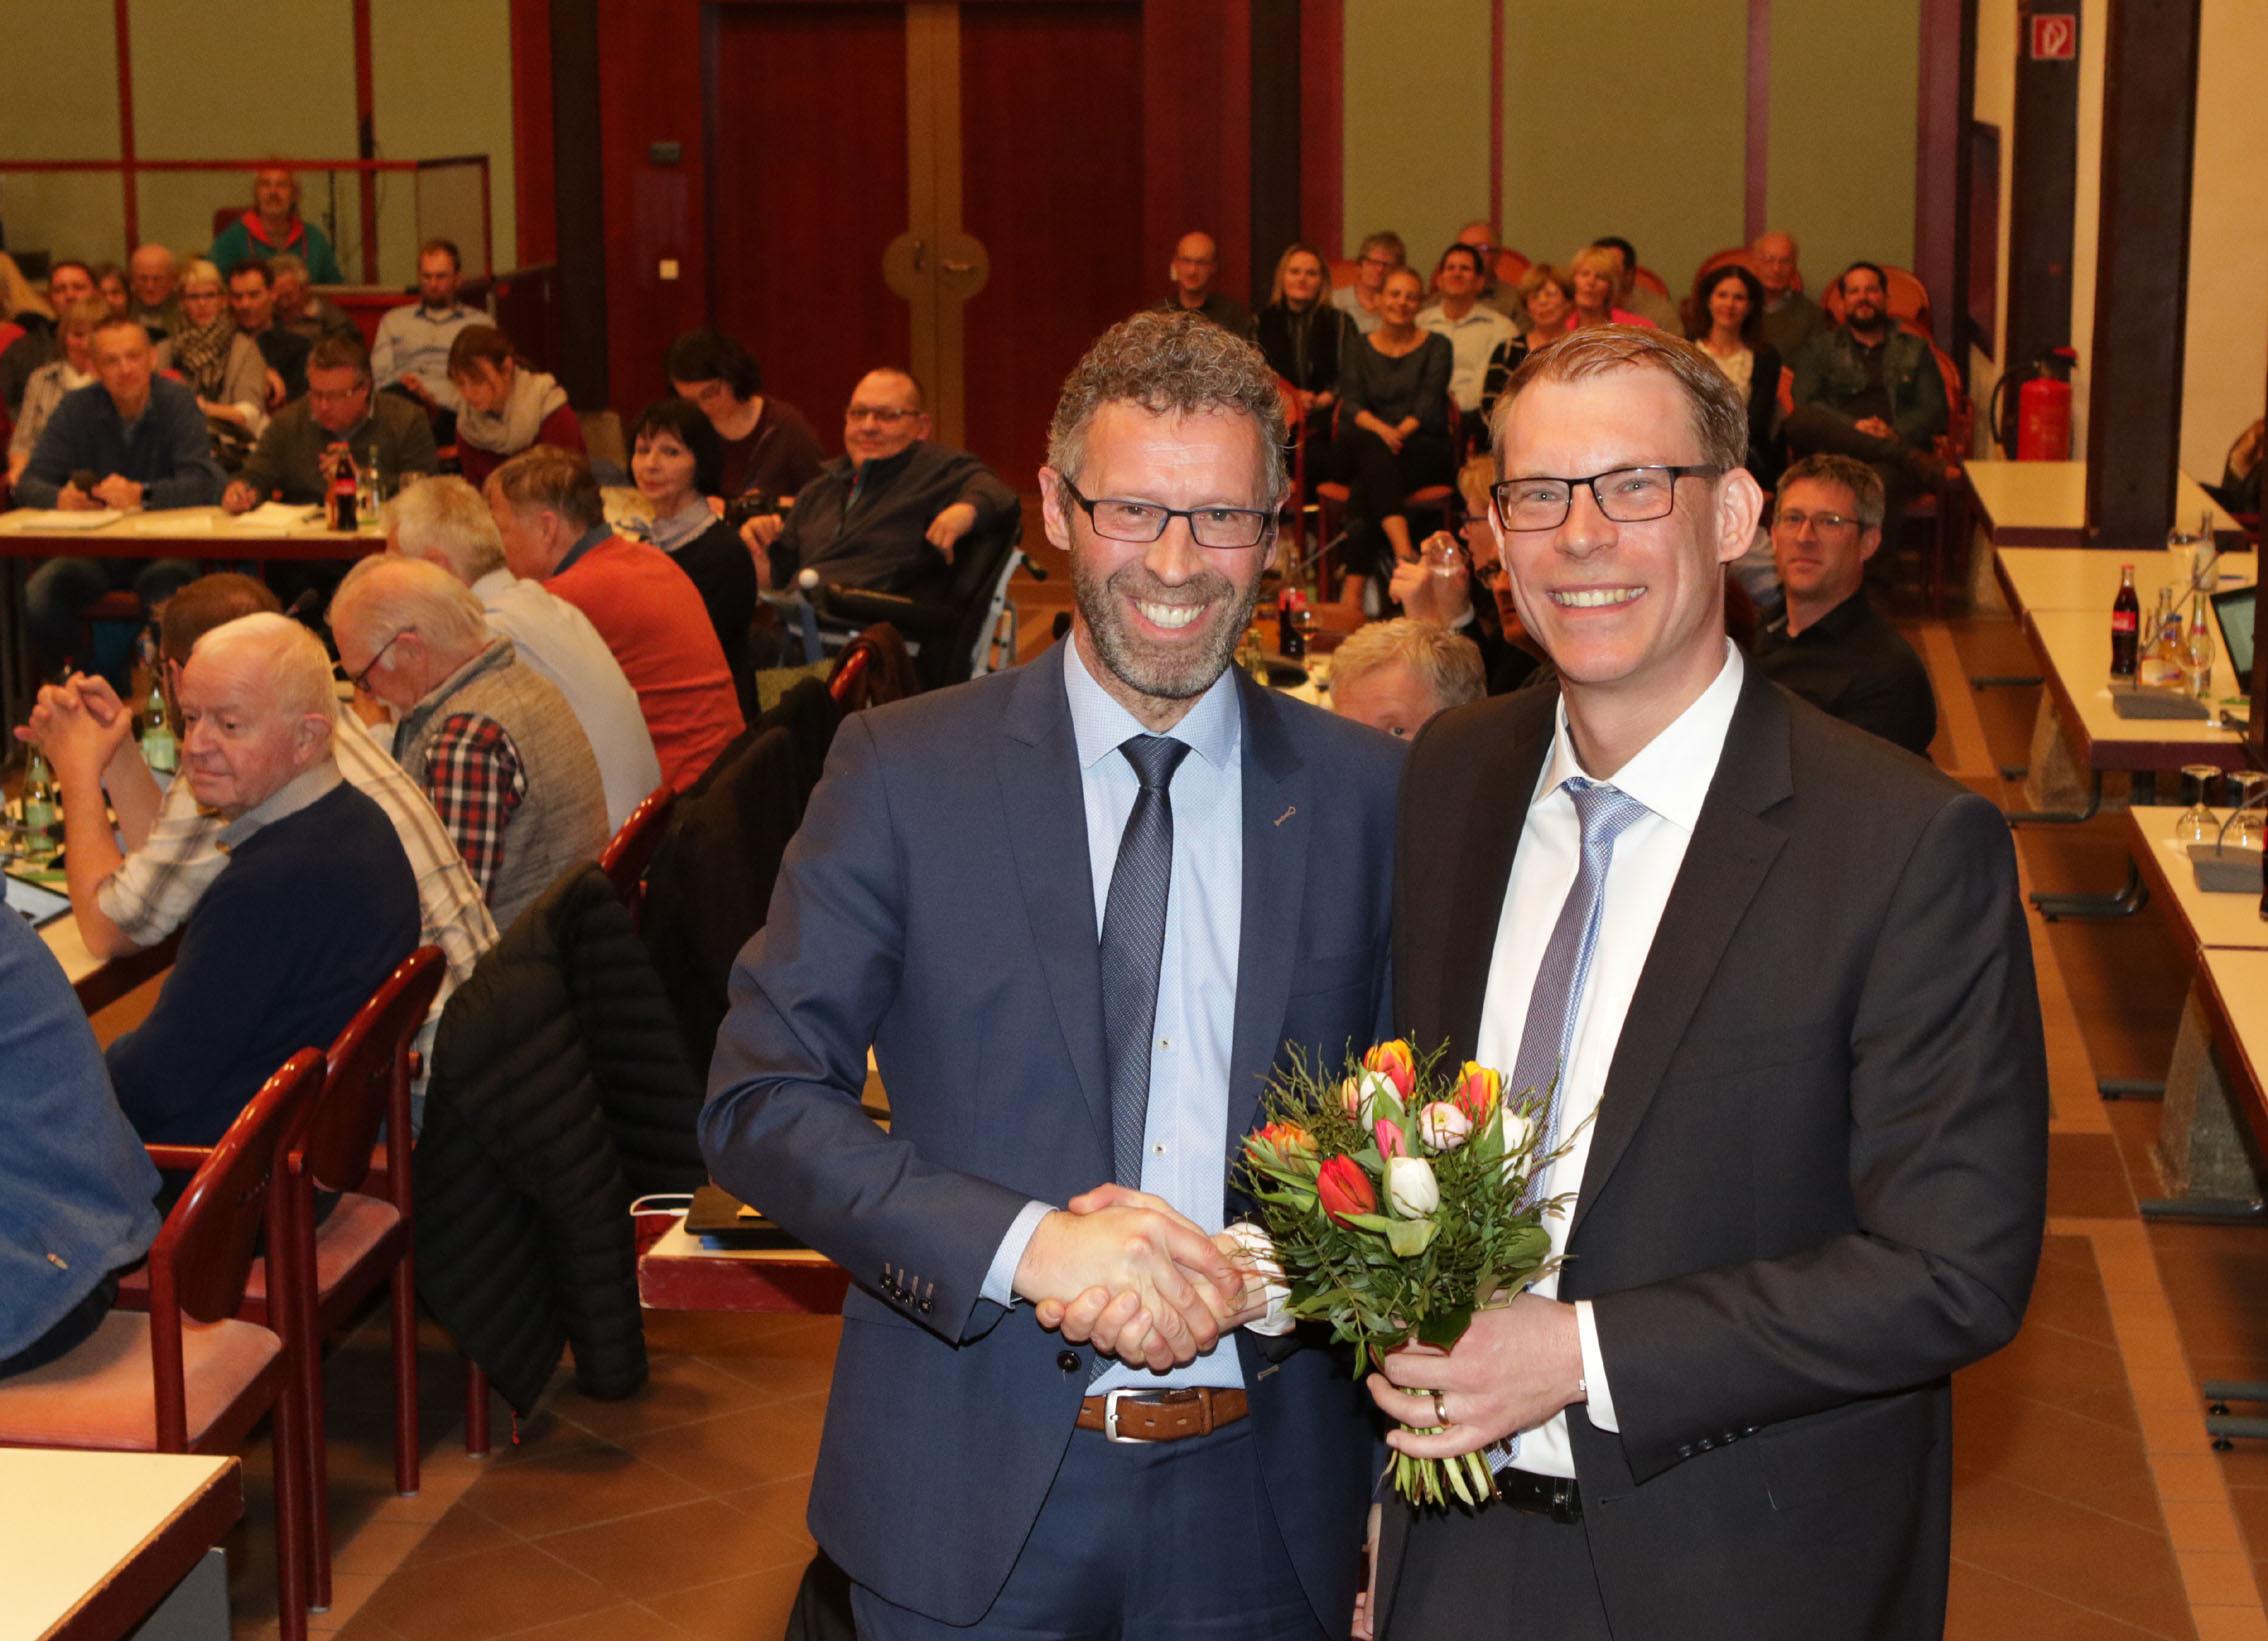 Der Gemeinderat hat Stefan Metzing am 19. Februar 2019 zum neuen Finanzbürgermeister gewählt.